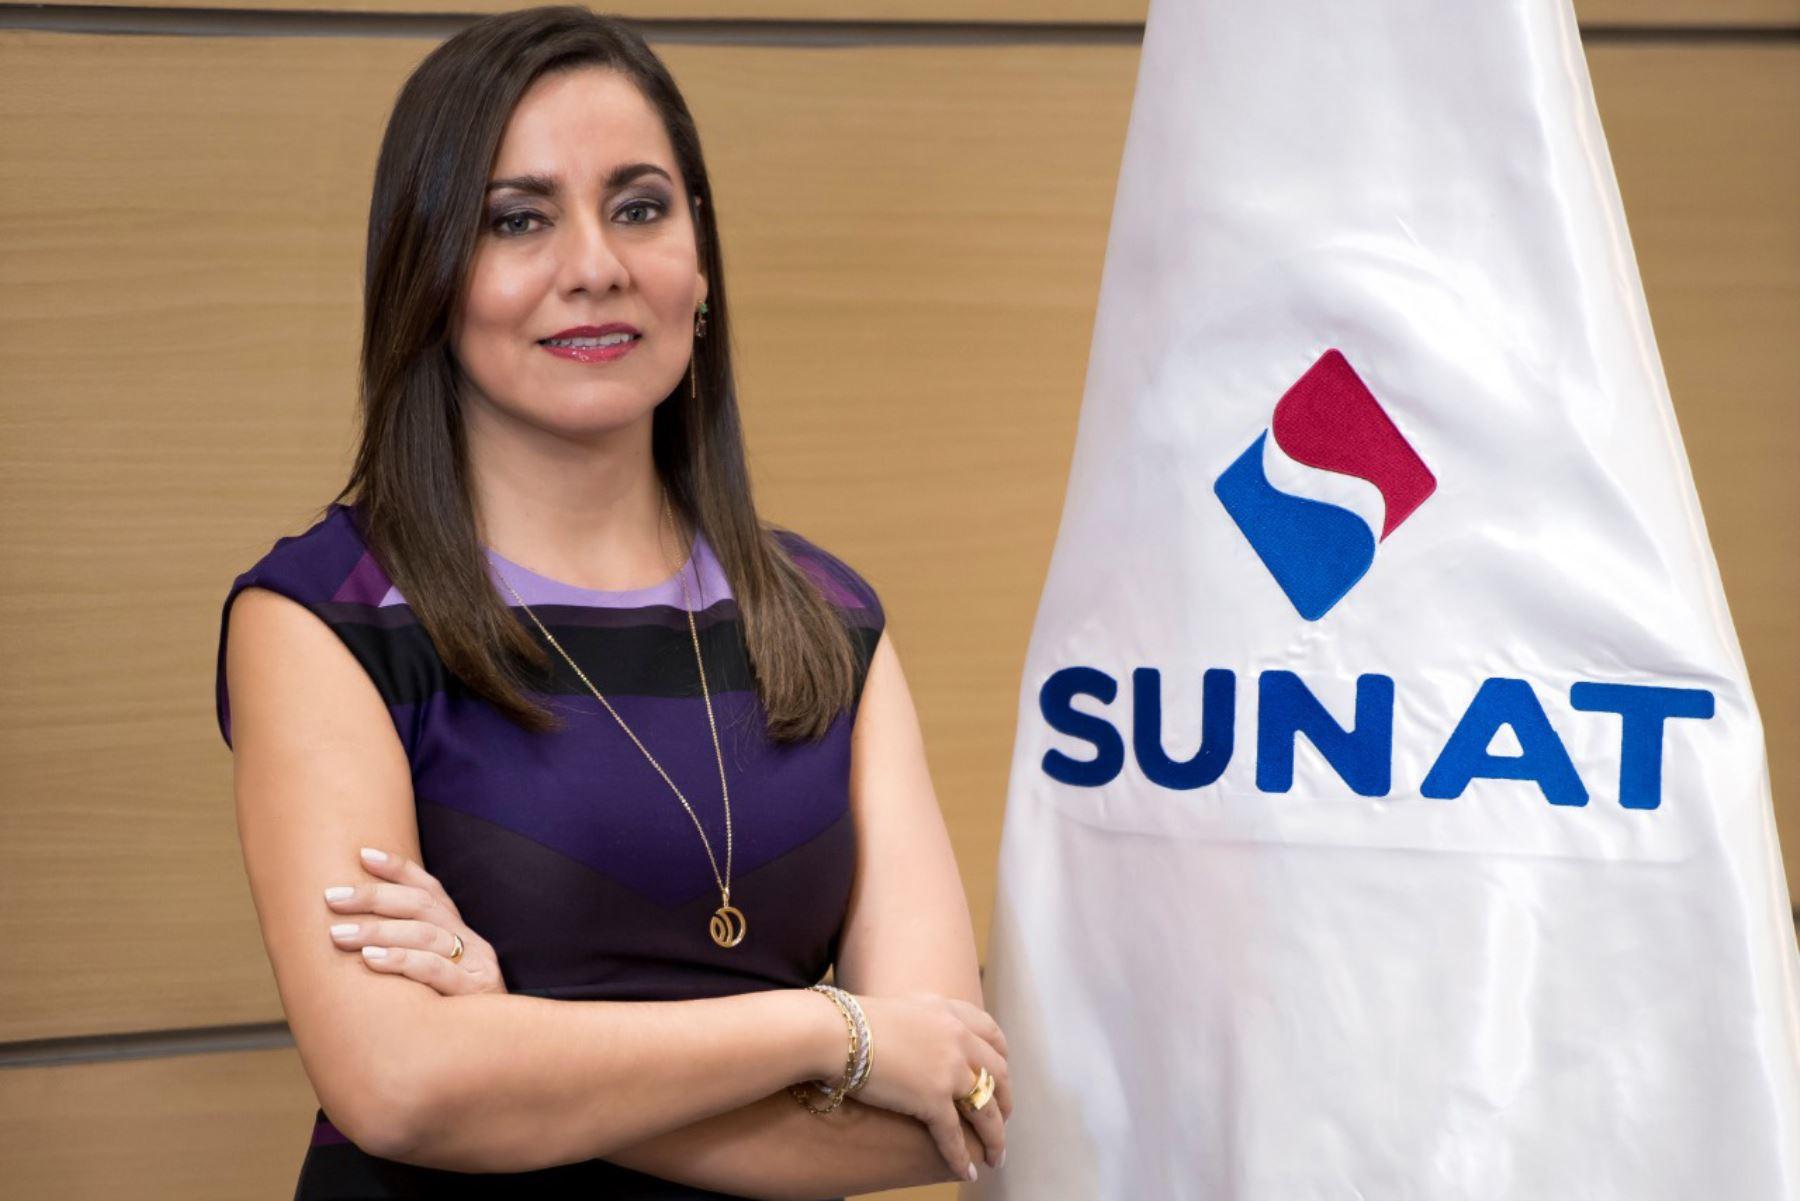 Jefa de la Sunat, Claudia Suárez Gutiérrez. ANDINA/Difusión